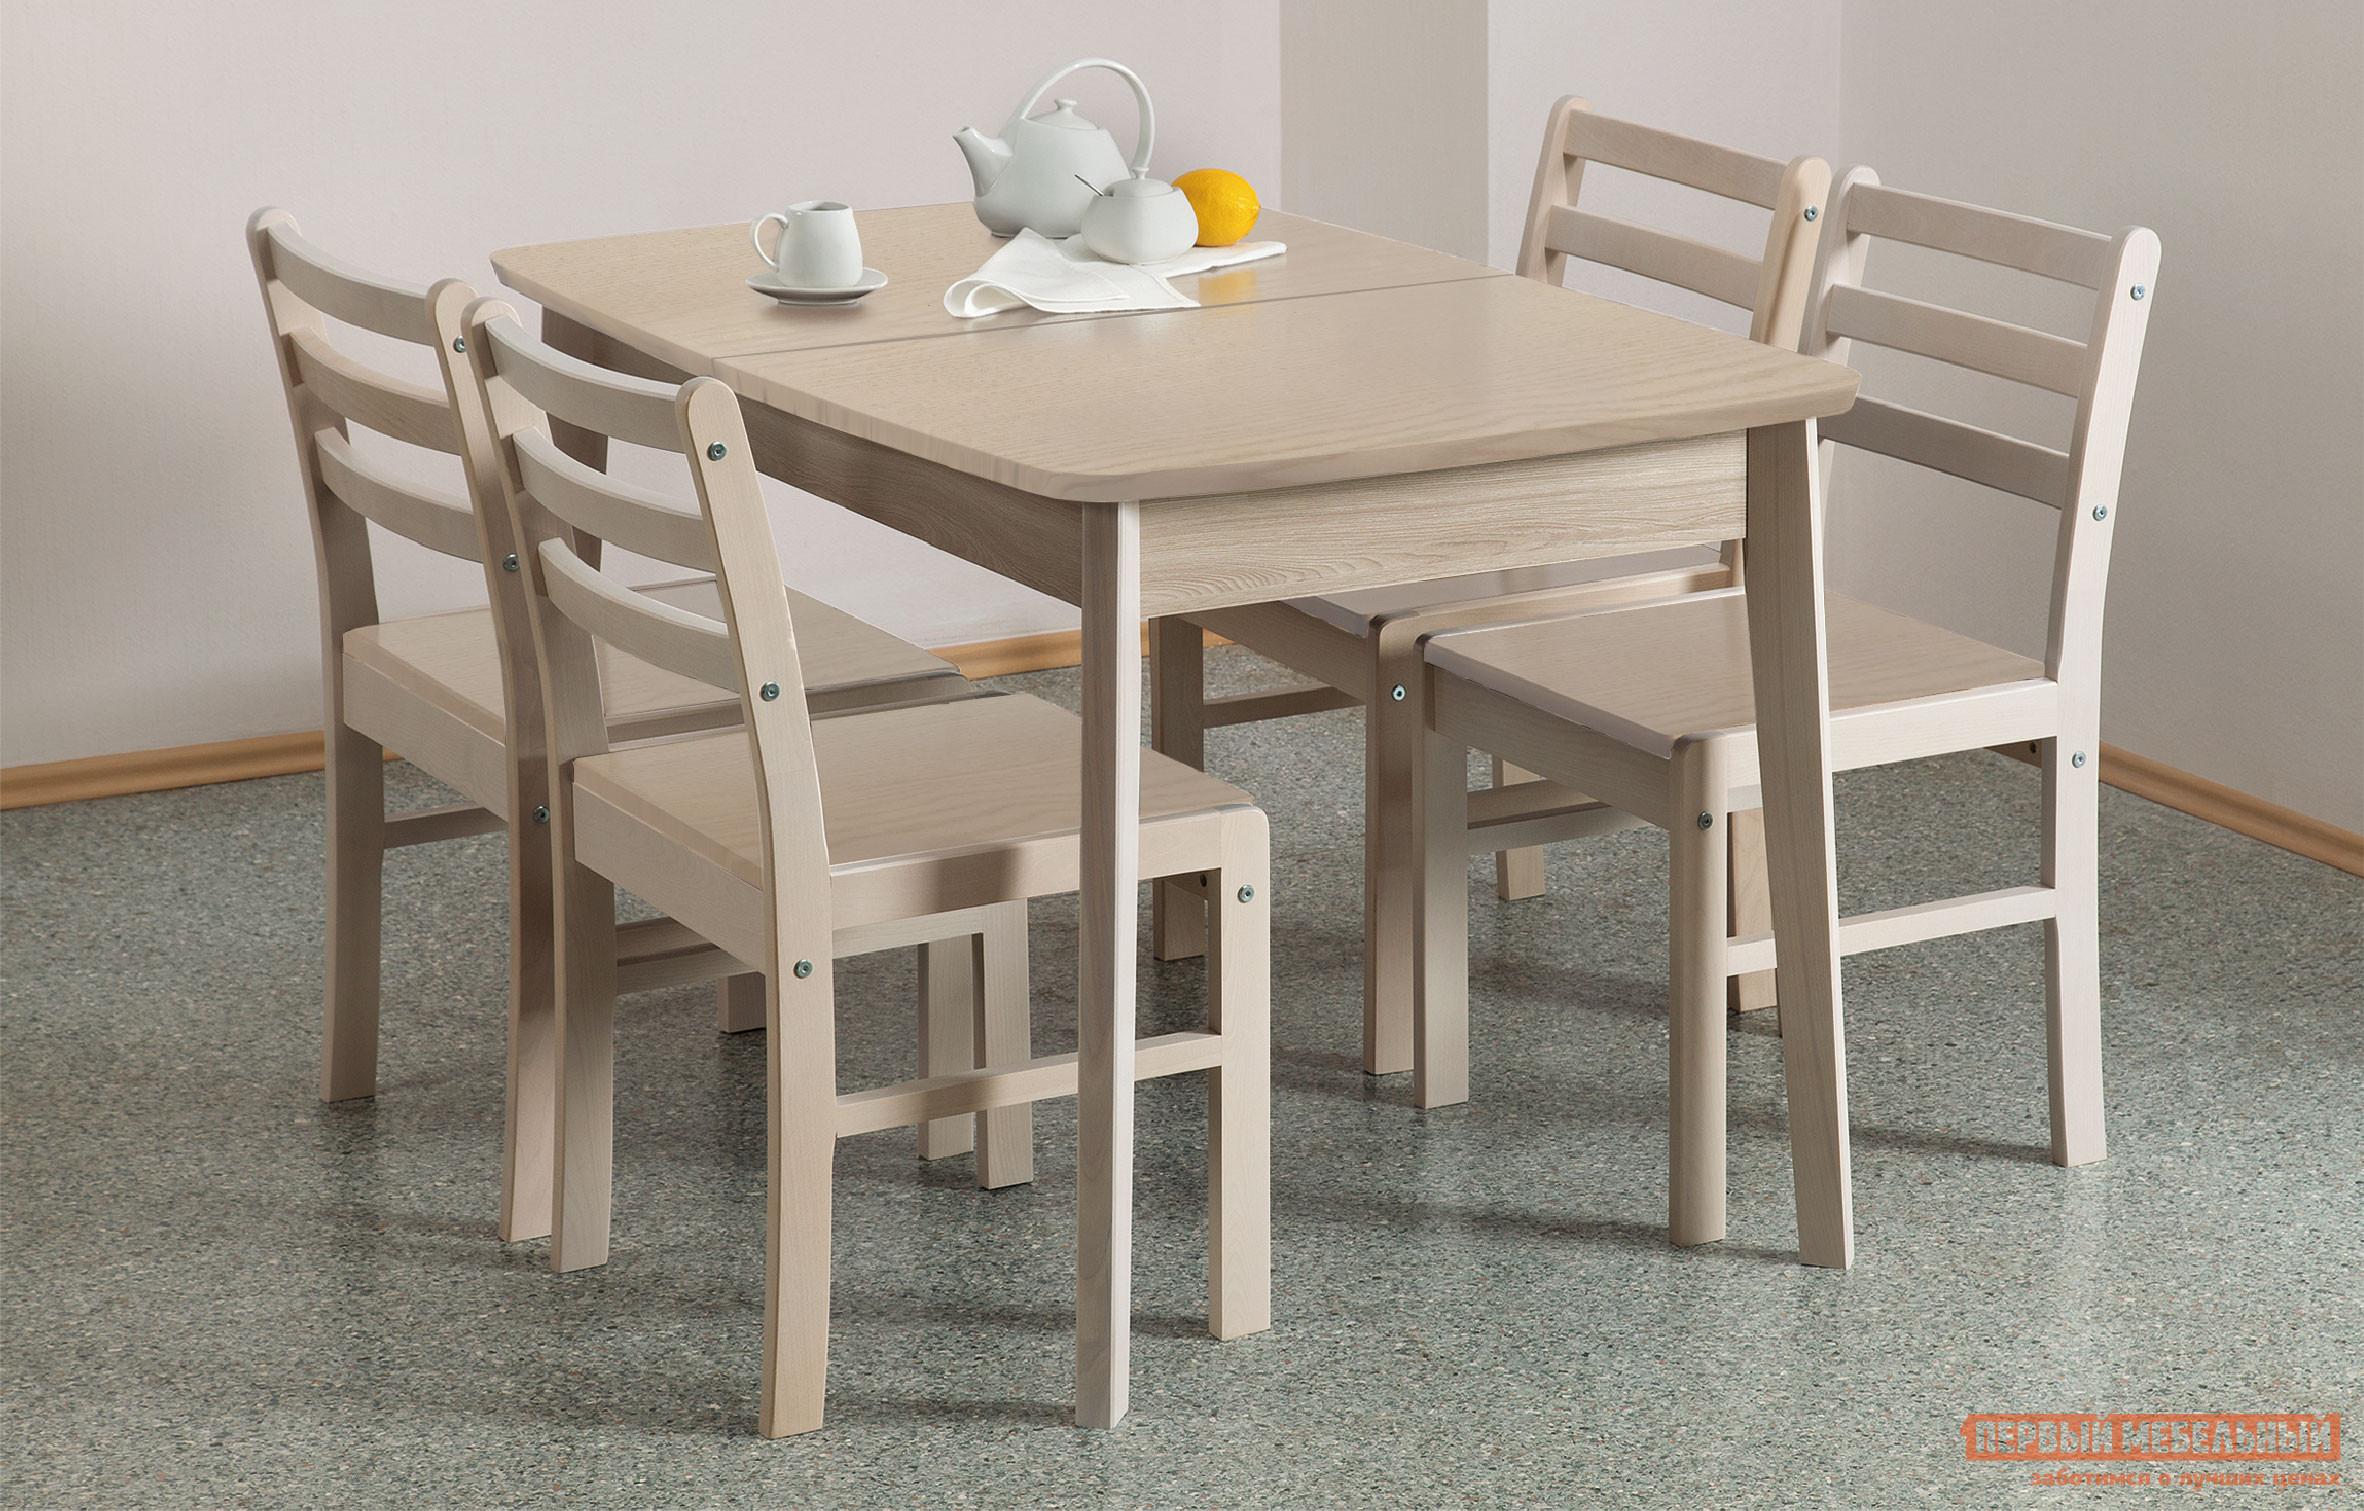 Обеденная группа для кухни Боровичи Стол обеденный раздвижной (овальная крышка) + 4 стула Массив обеденная группа с круглым столом для кухни боровичи норония 4 диметра